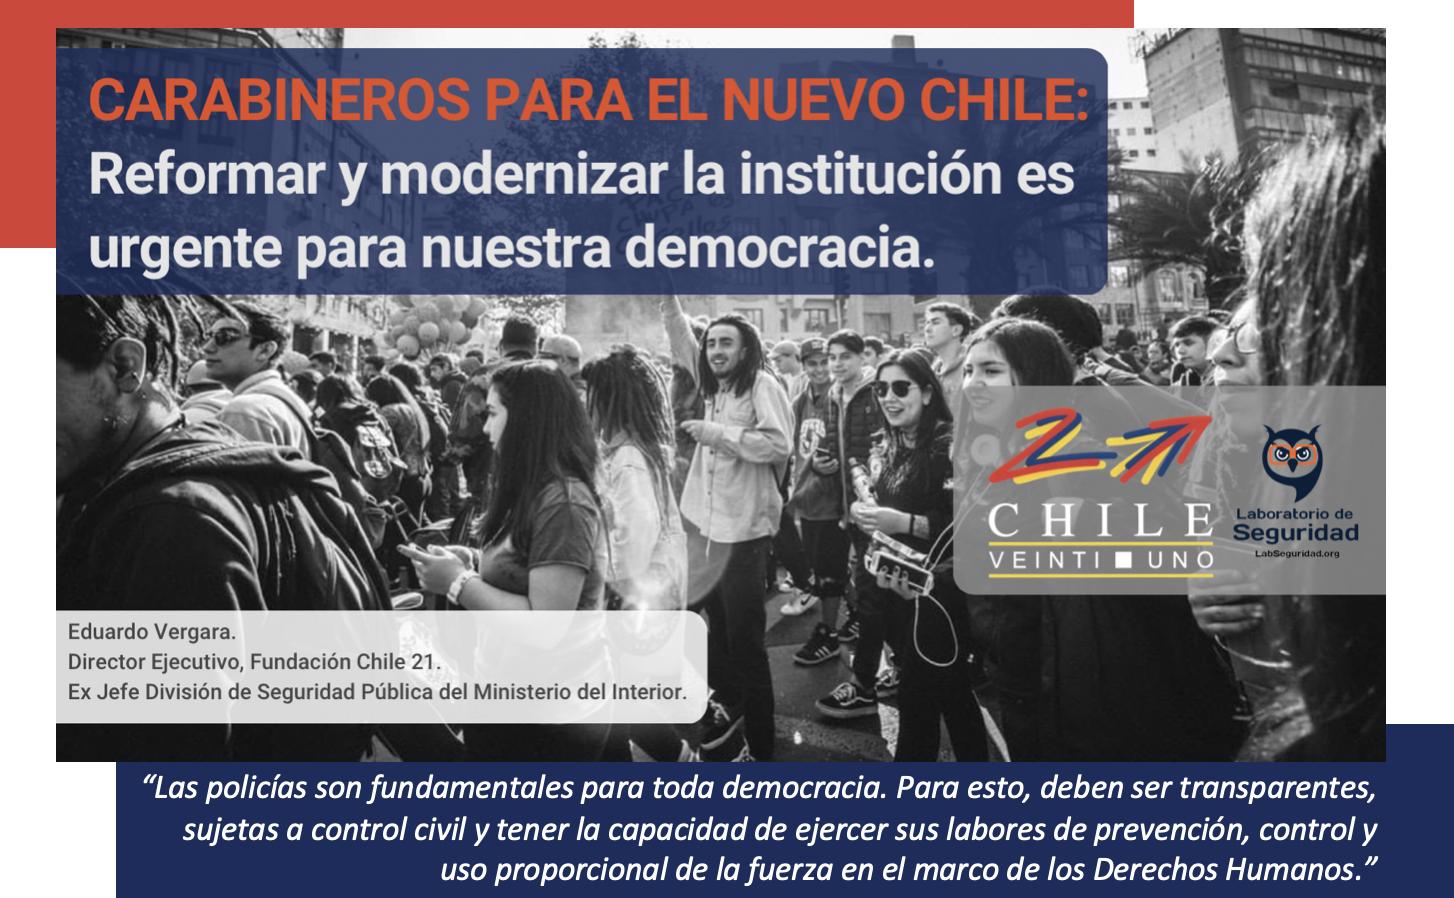 PROPUESTA-Carabineros para el nuevo Chile: Reformar y modernizar la institución es urgente para nuestra democracia.